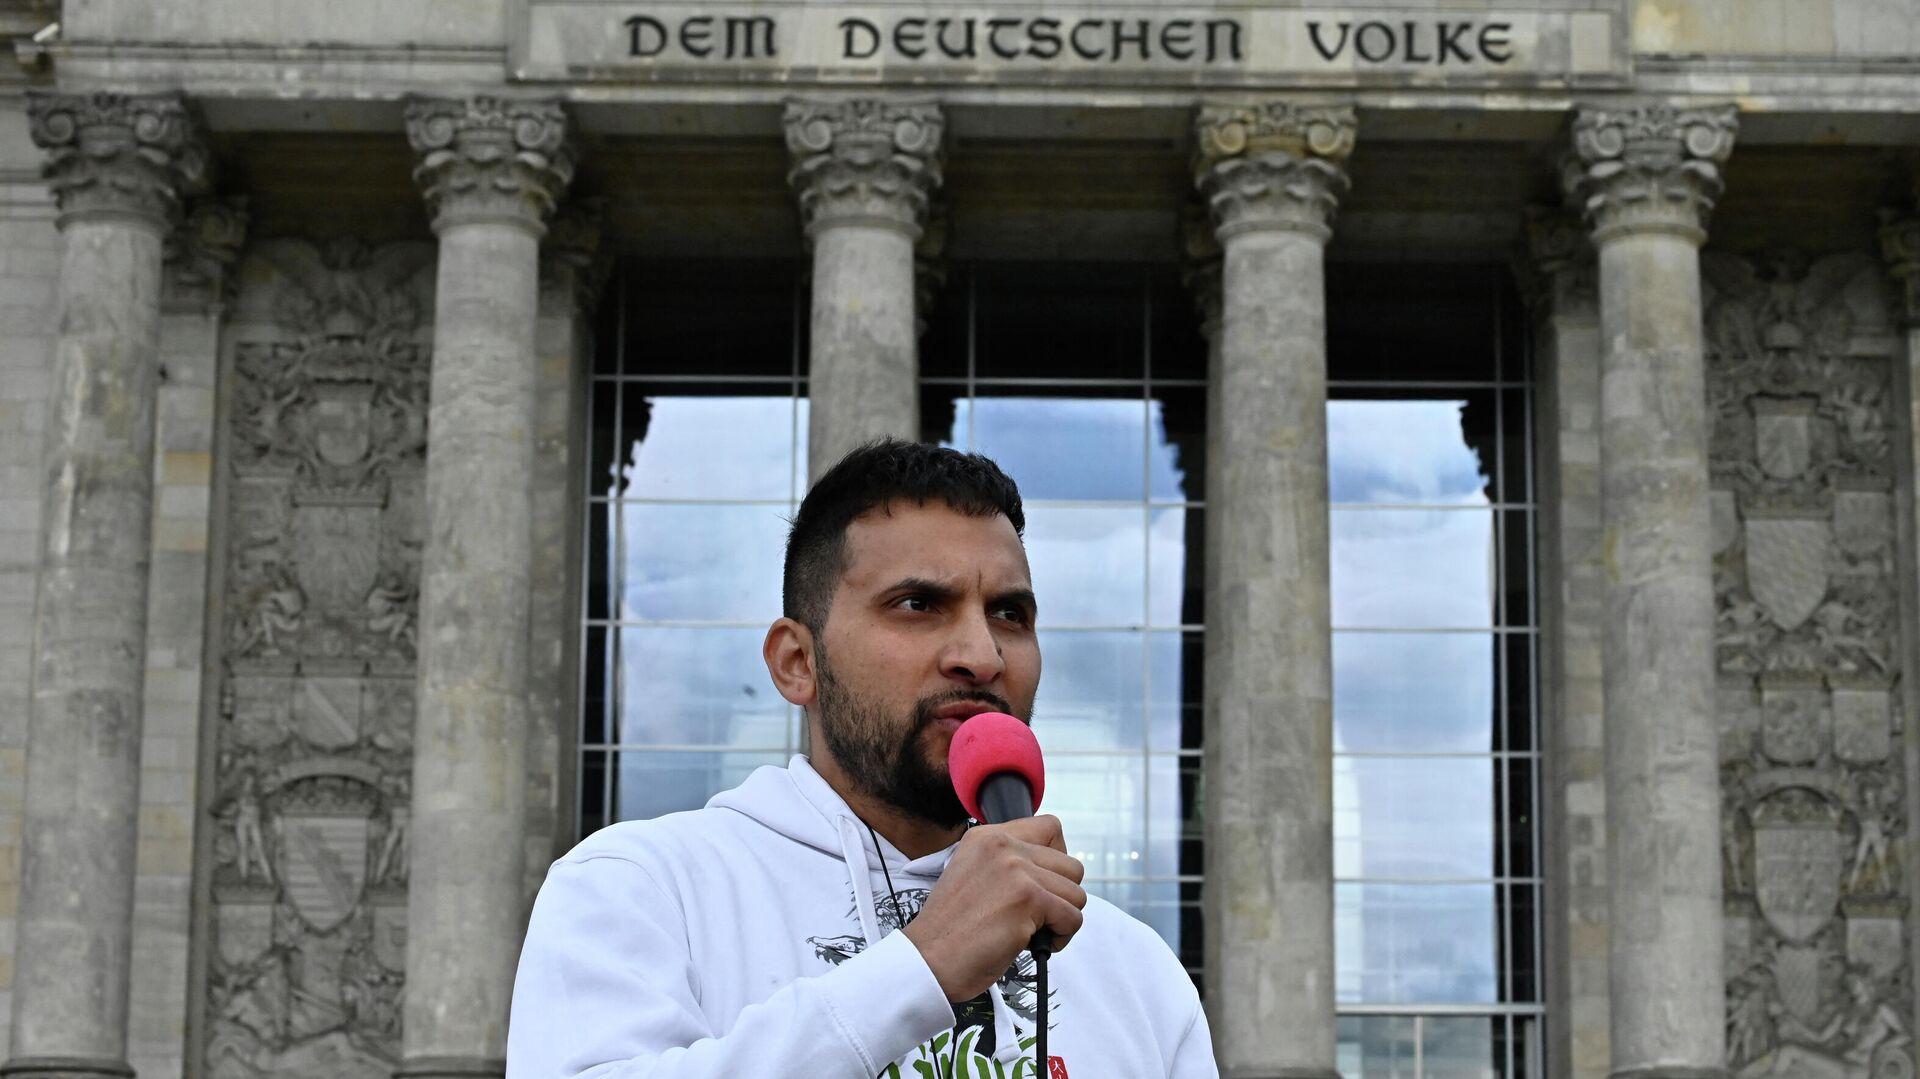 Der deutsche Kochbuchautor und Verschwörungstheoretiker Attila Hildmann  steht vor dem Reichstagsgebäude und spricht während eines Protests gegen die coronabedingten Einschränkungen. 16. Mai, 2020. - SNA, 1920, 13.09.2021